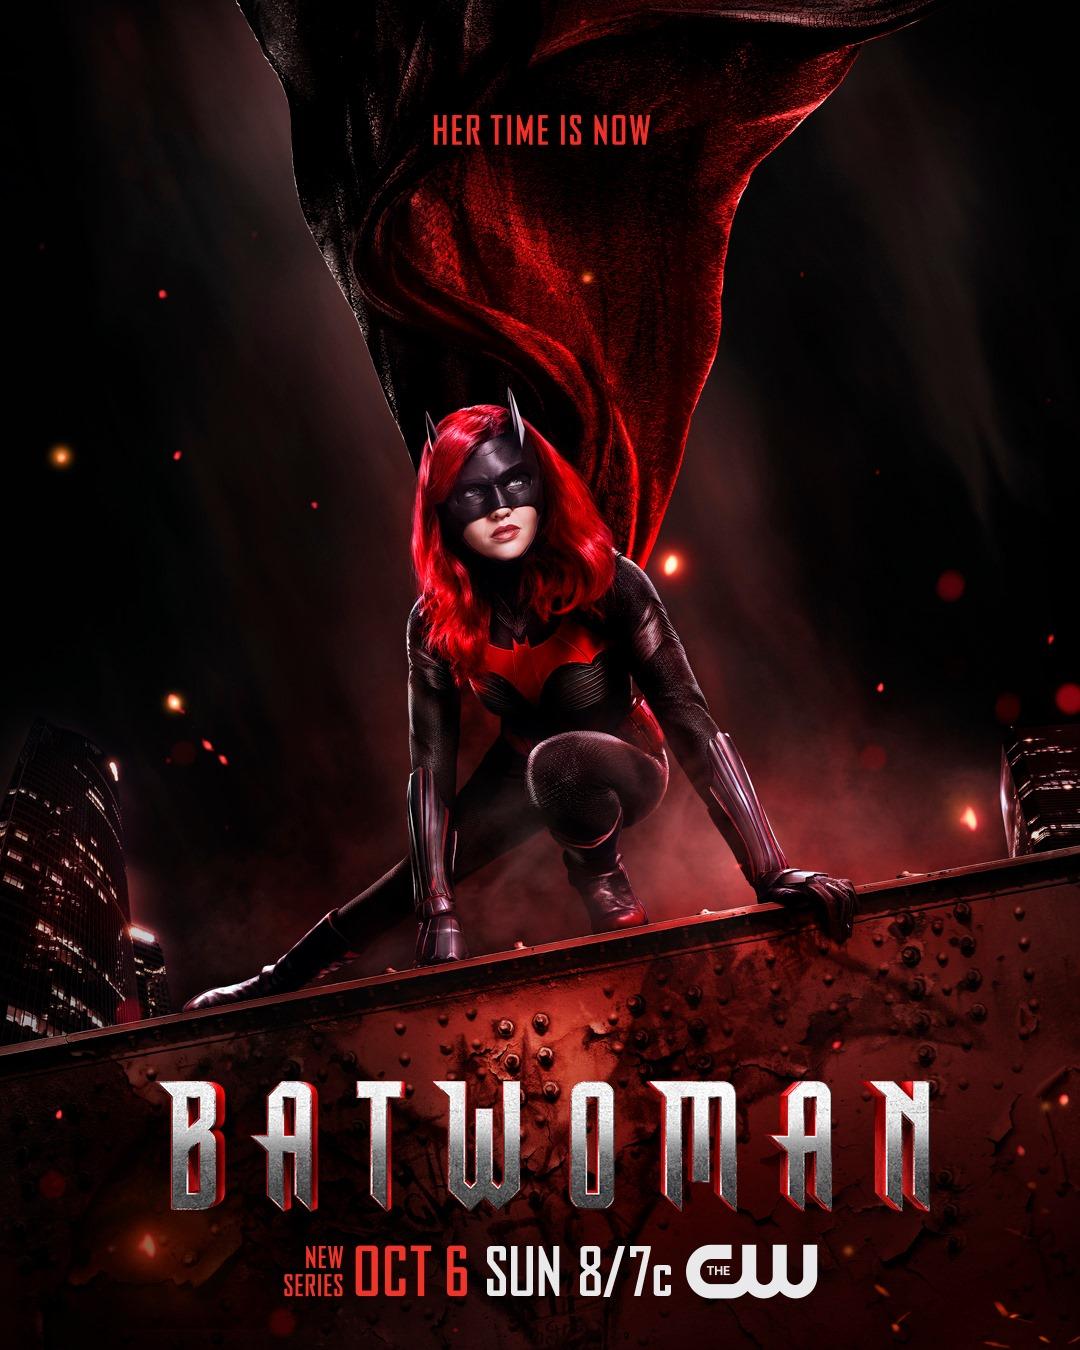 Batwoman season 1 poster